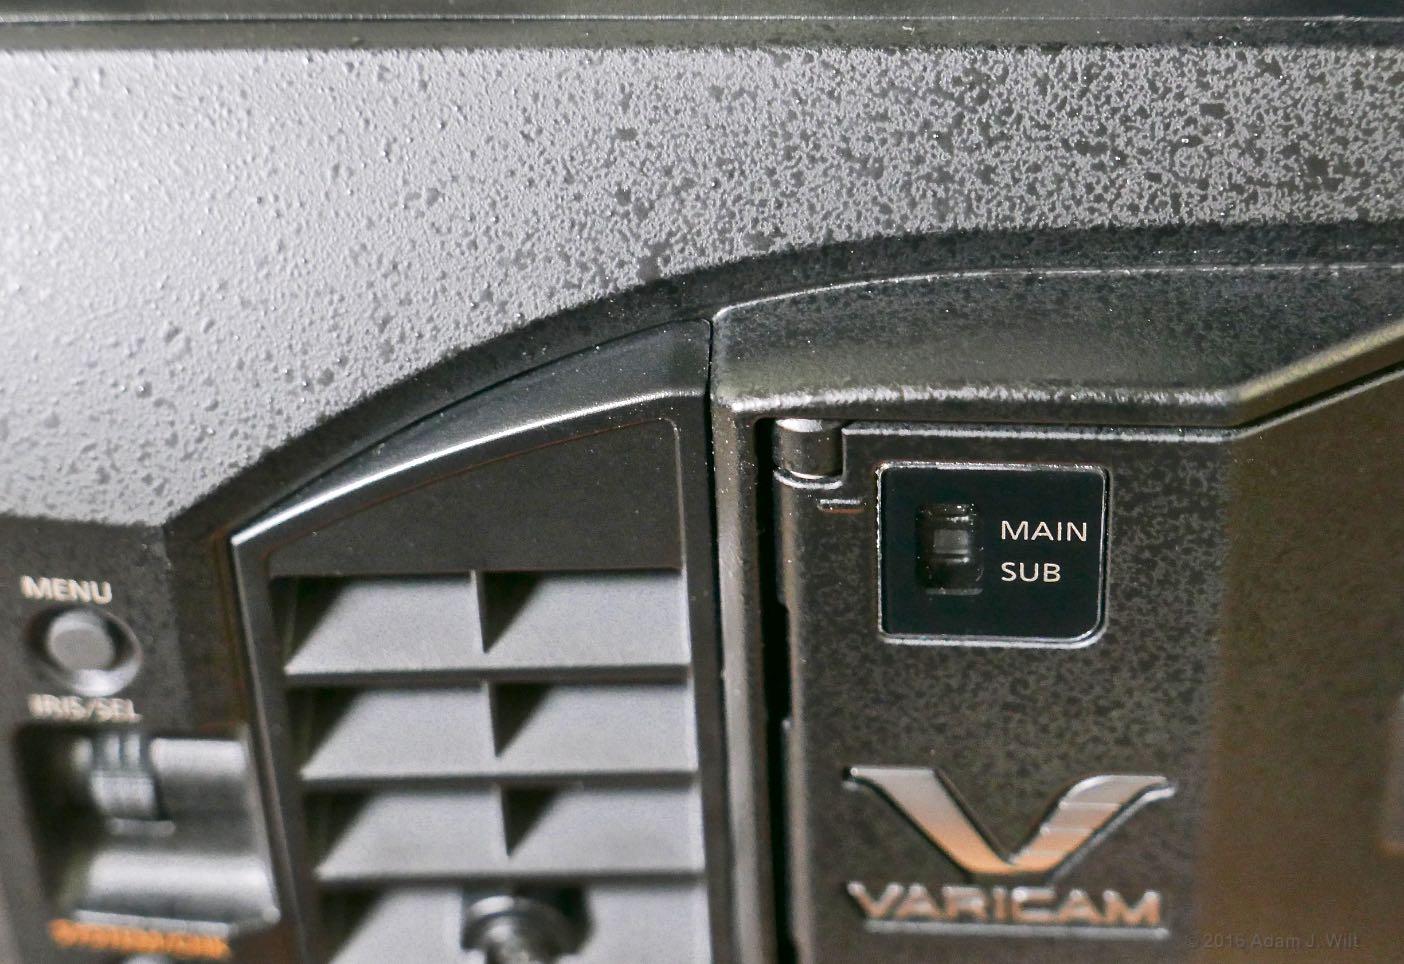 The poky corner of the VariCam's media door